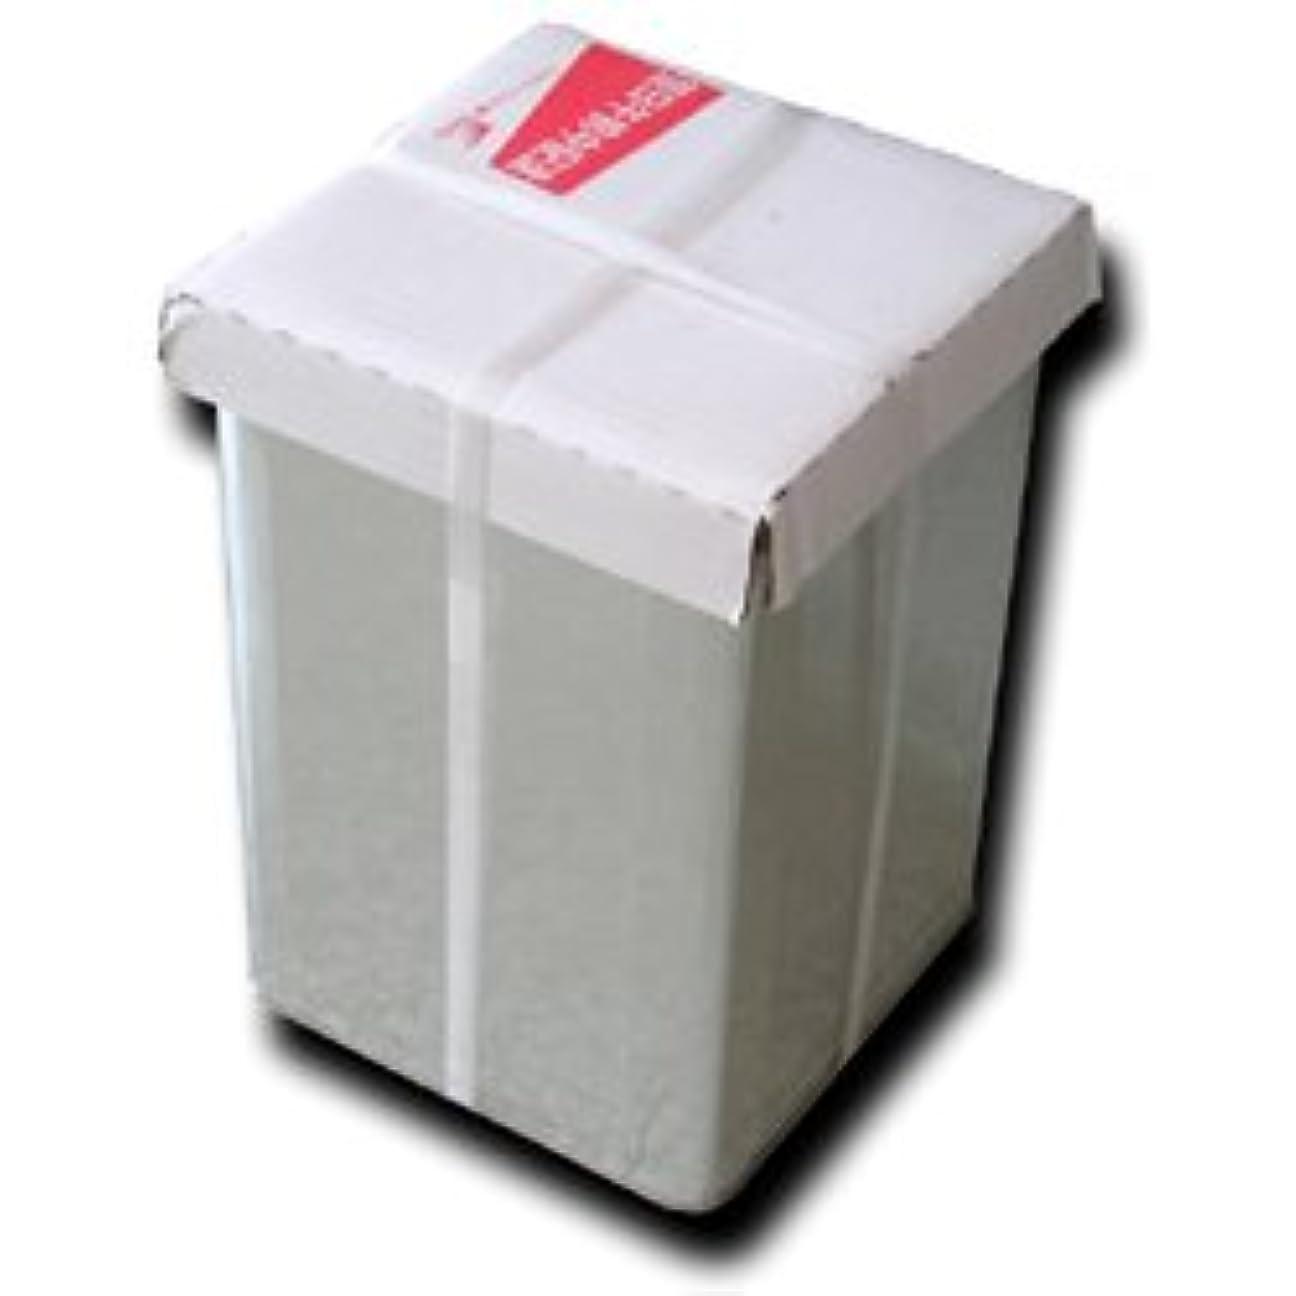 アトラス白いサラダ業務用 DHA油 ドコサヘキサエン酸 16kg×1缶 卸用